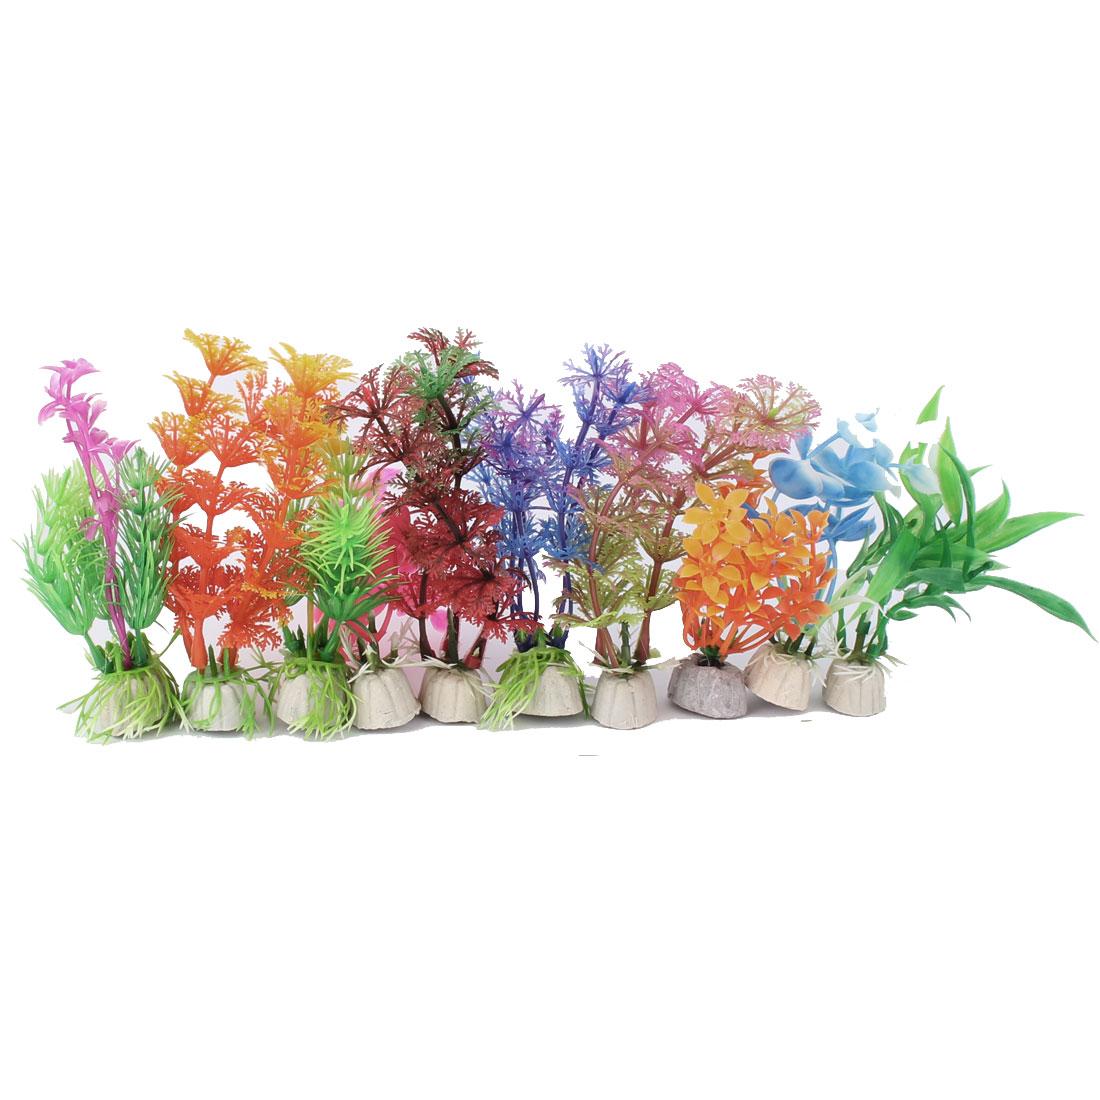 Aquarium Fish Tank Plastic Artificial Water Plant Grass Decor Ornament Assorted Color 10 Pcs